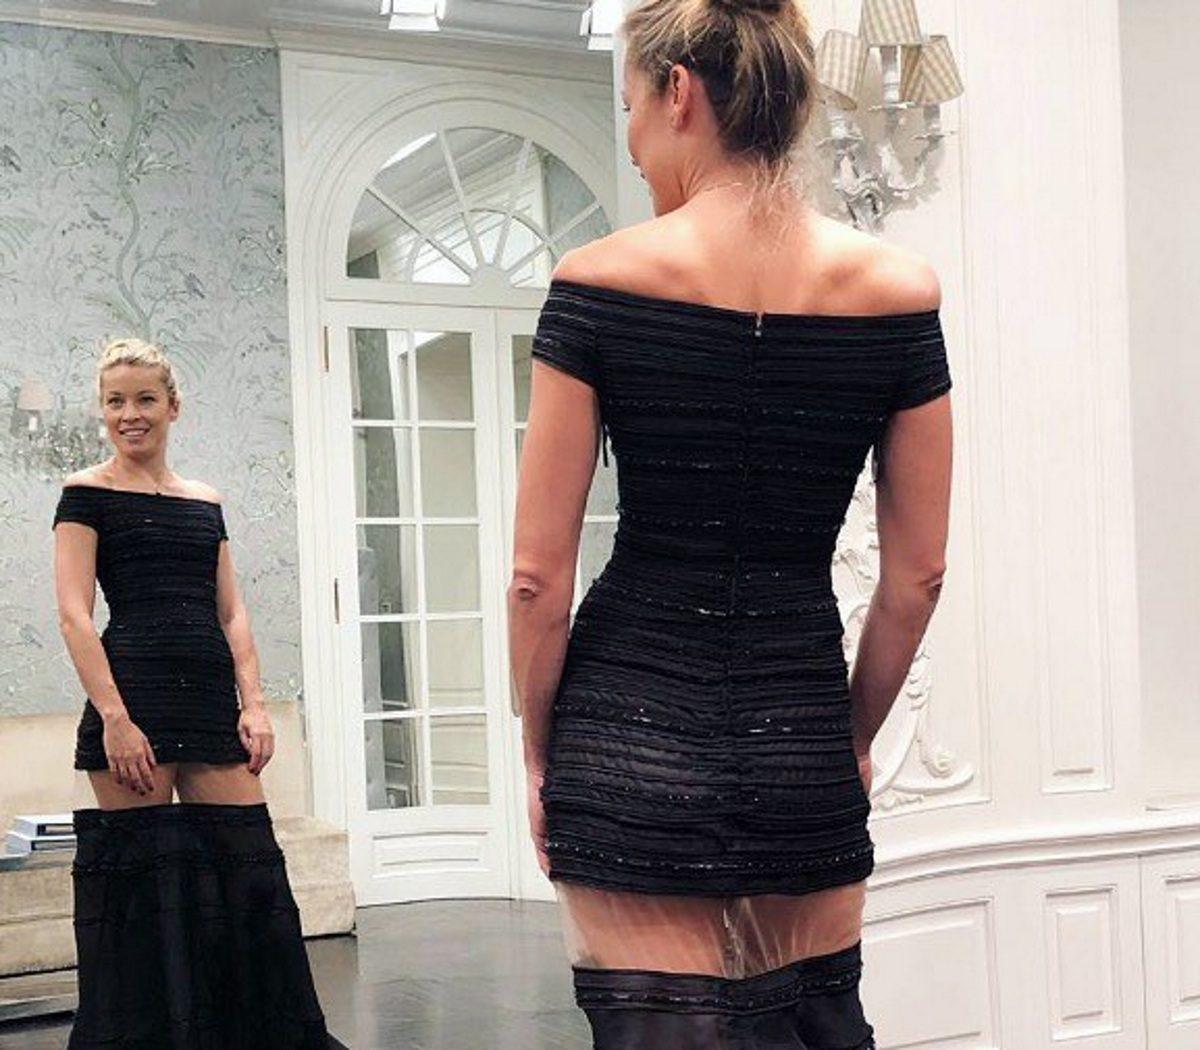 Μαριέττα Χρουσαλά: Κάνει fitting στο ατελιέ της Σήλιας Κριθαριώτη! Δες τα υπέροχα φορέματα | tlife.gr